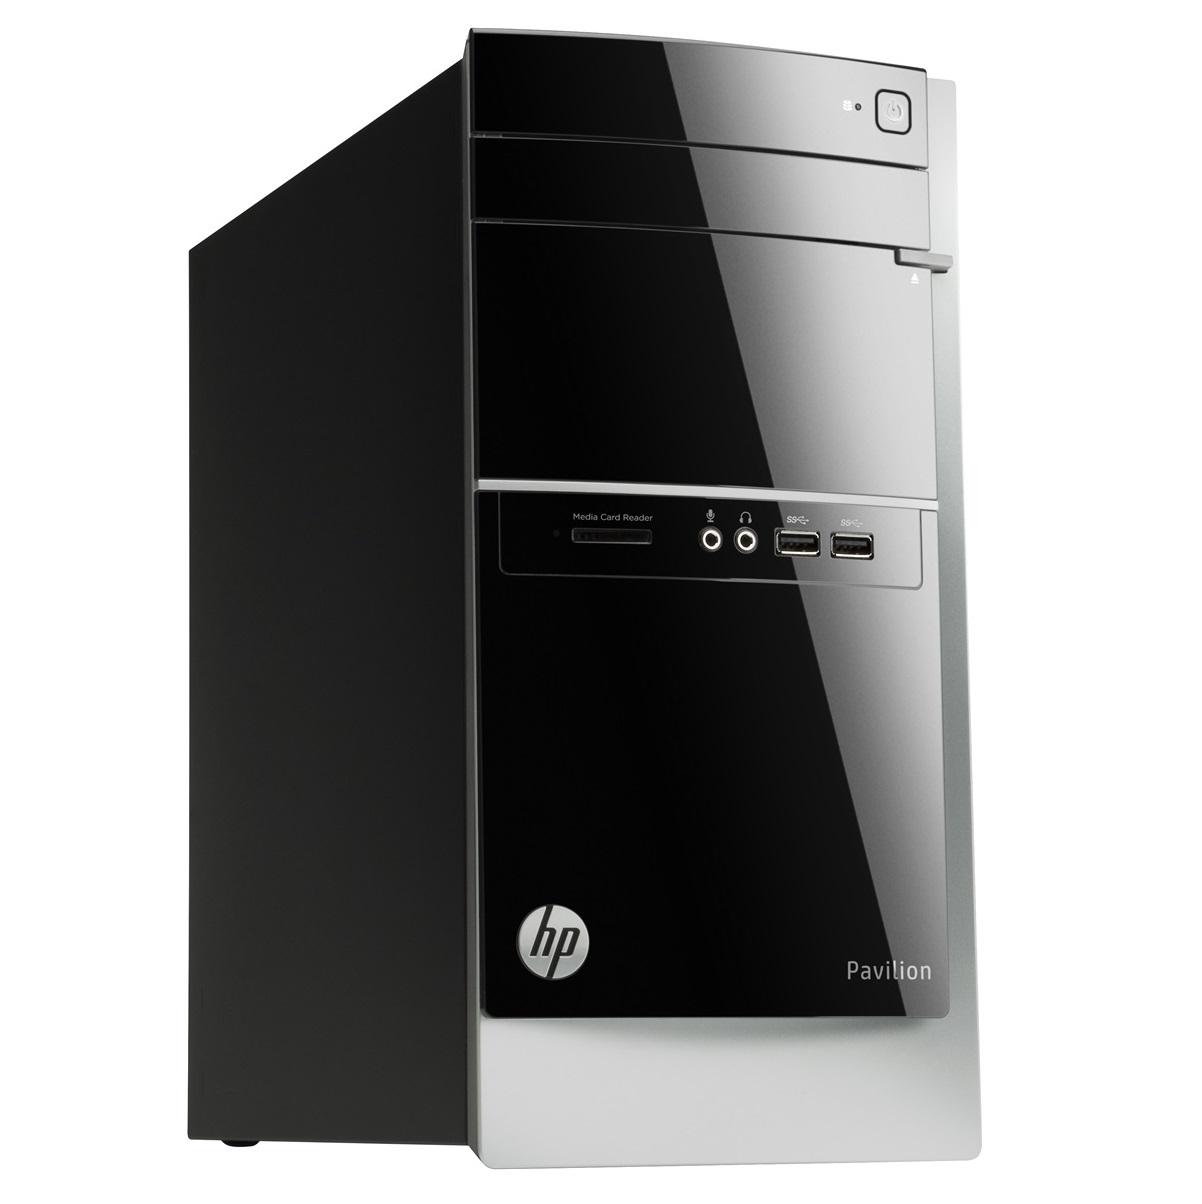 Máy tính để bàn HP Pavilion HP500-348X – Intel Core i7 4790, 4Gb RAM, 1Tb HDD, Nvidia GT710M 2Gb